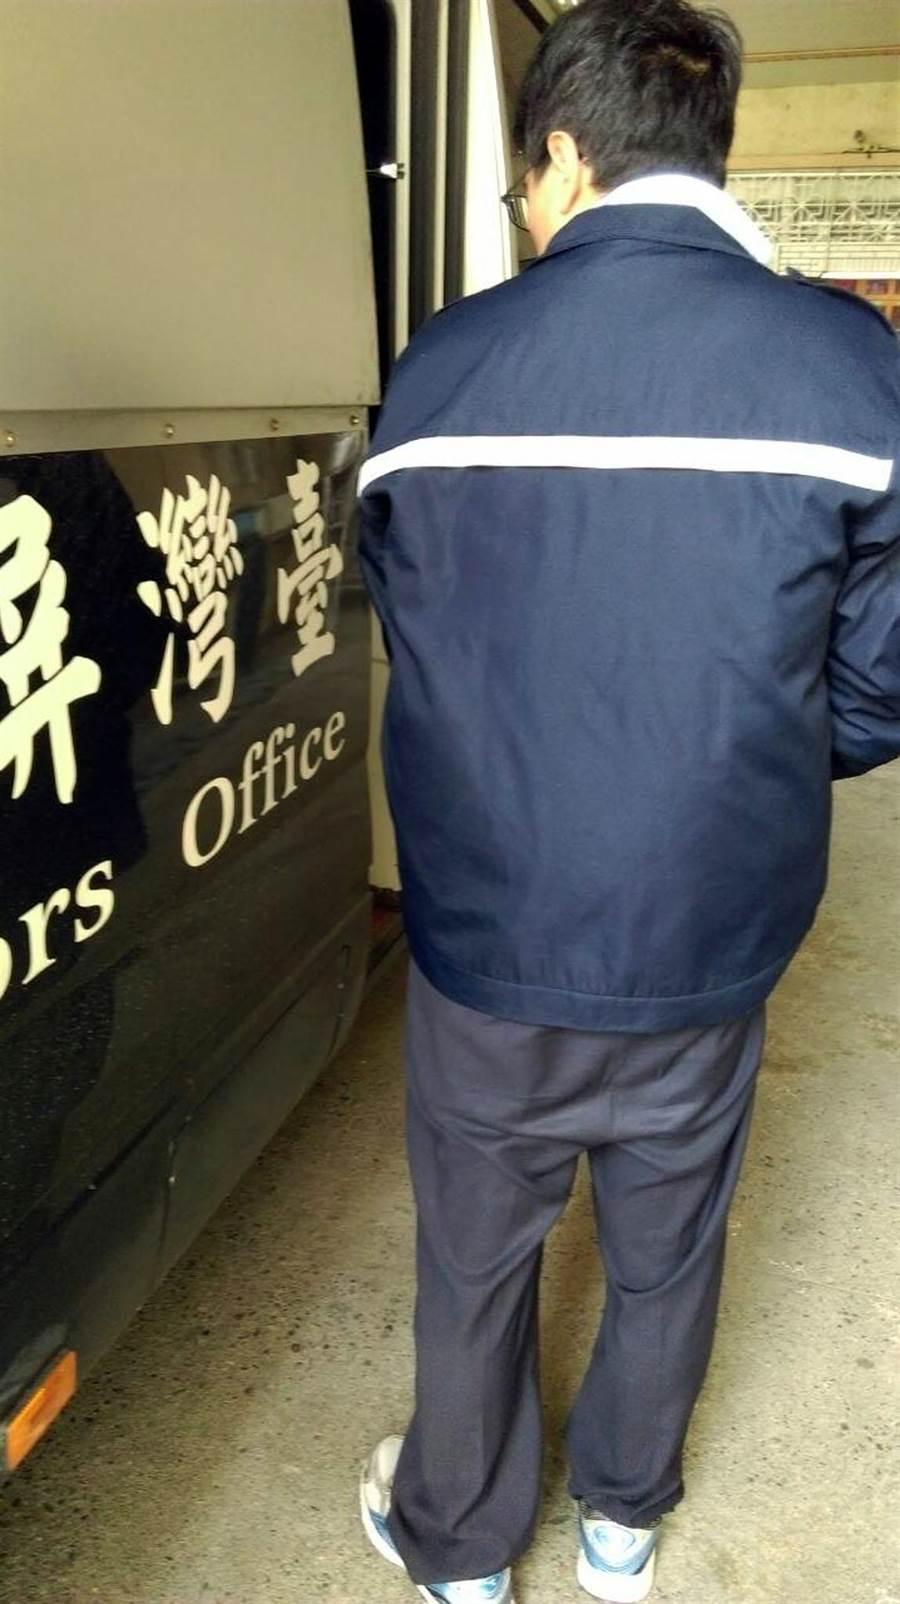 原屏東監獄管理員馮曉暉,3年前夾帶煙、茶葉給槍擊要犯林豐德,三審判刑3年6月定讞。(中時資料照)